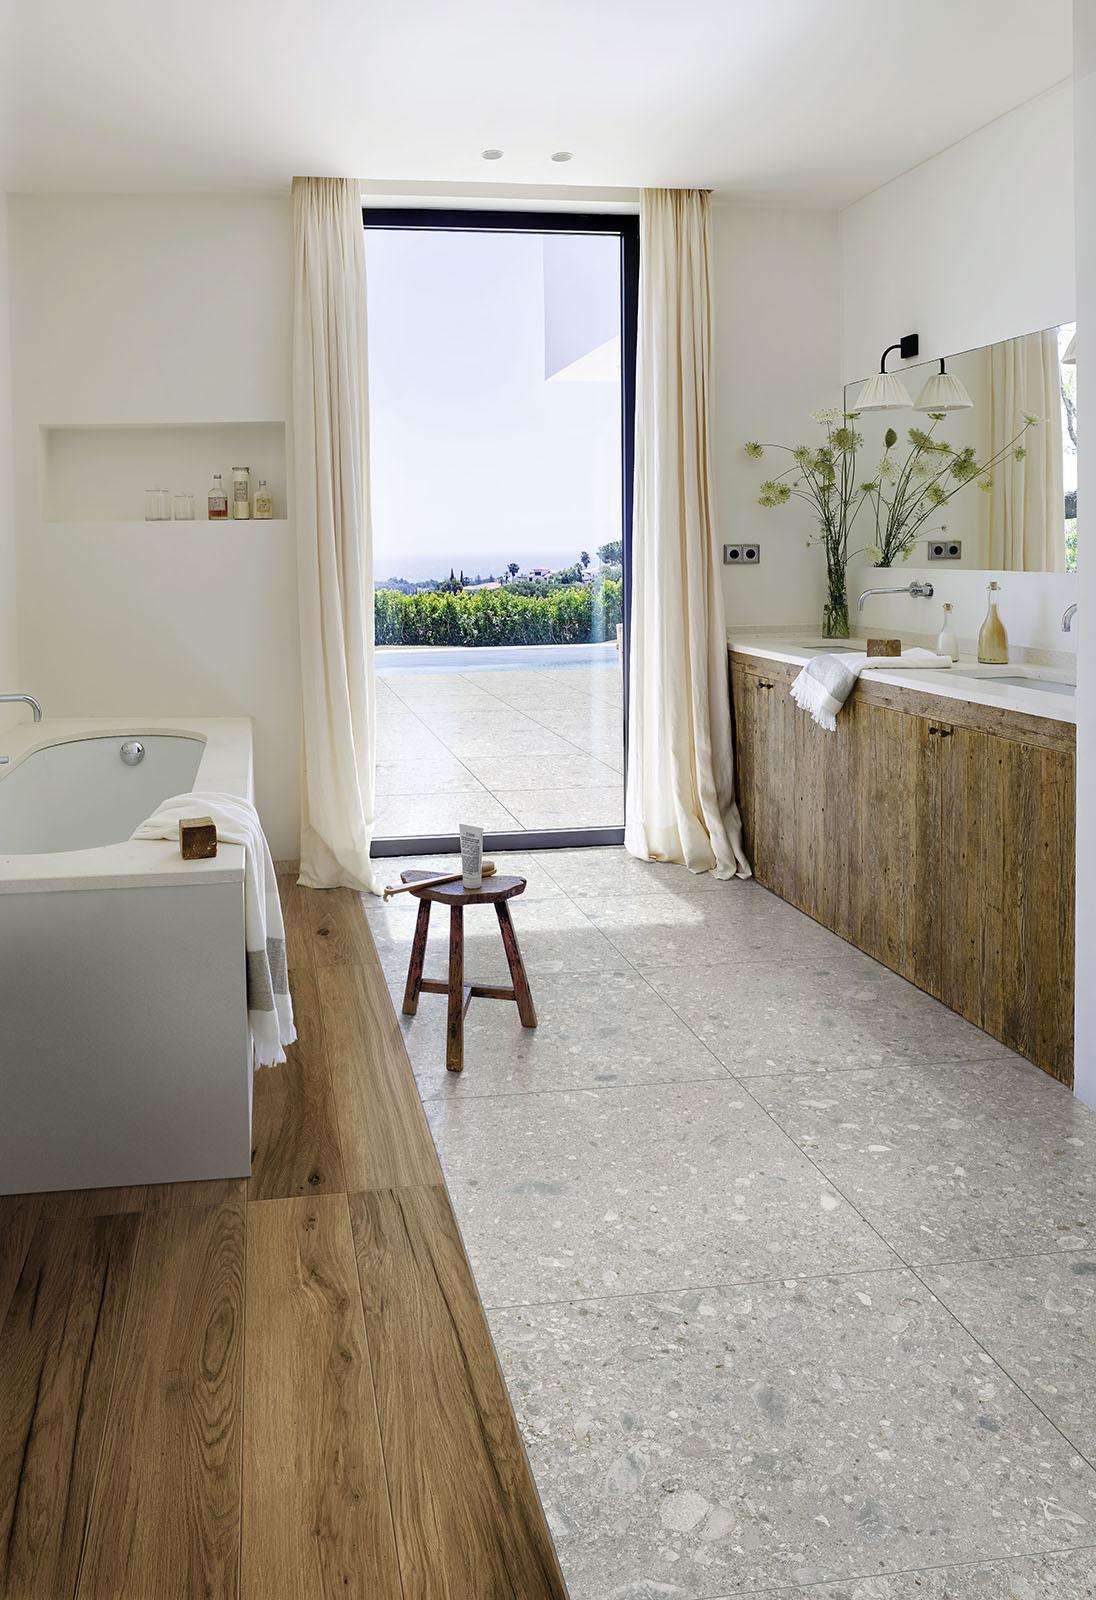 Bathroom flooring ceramic and porcelain stoneware Marazzi